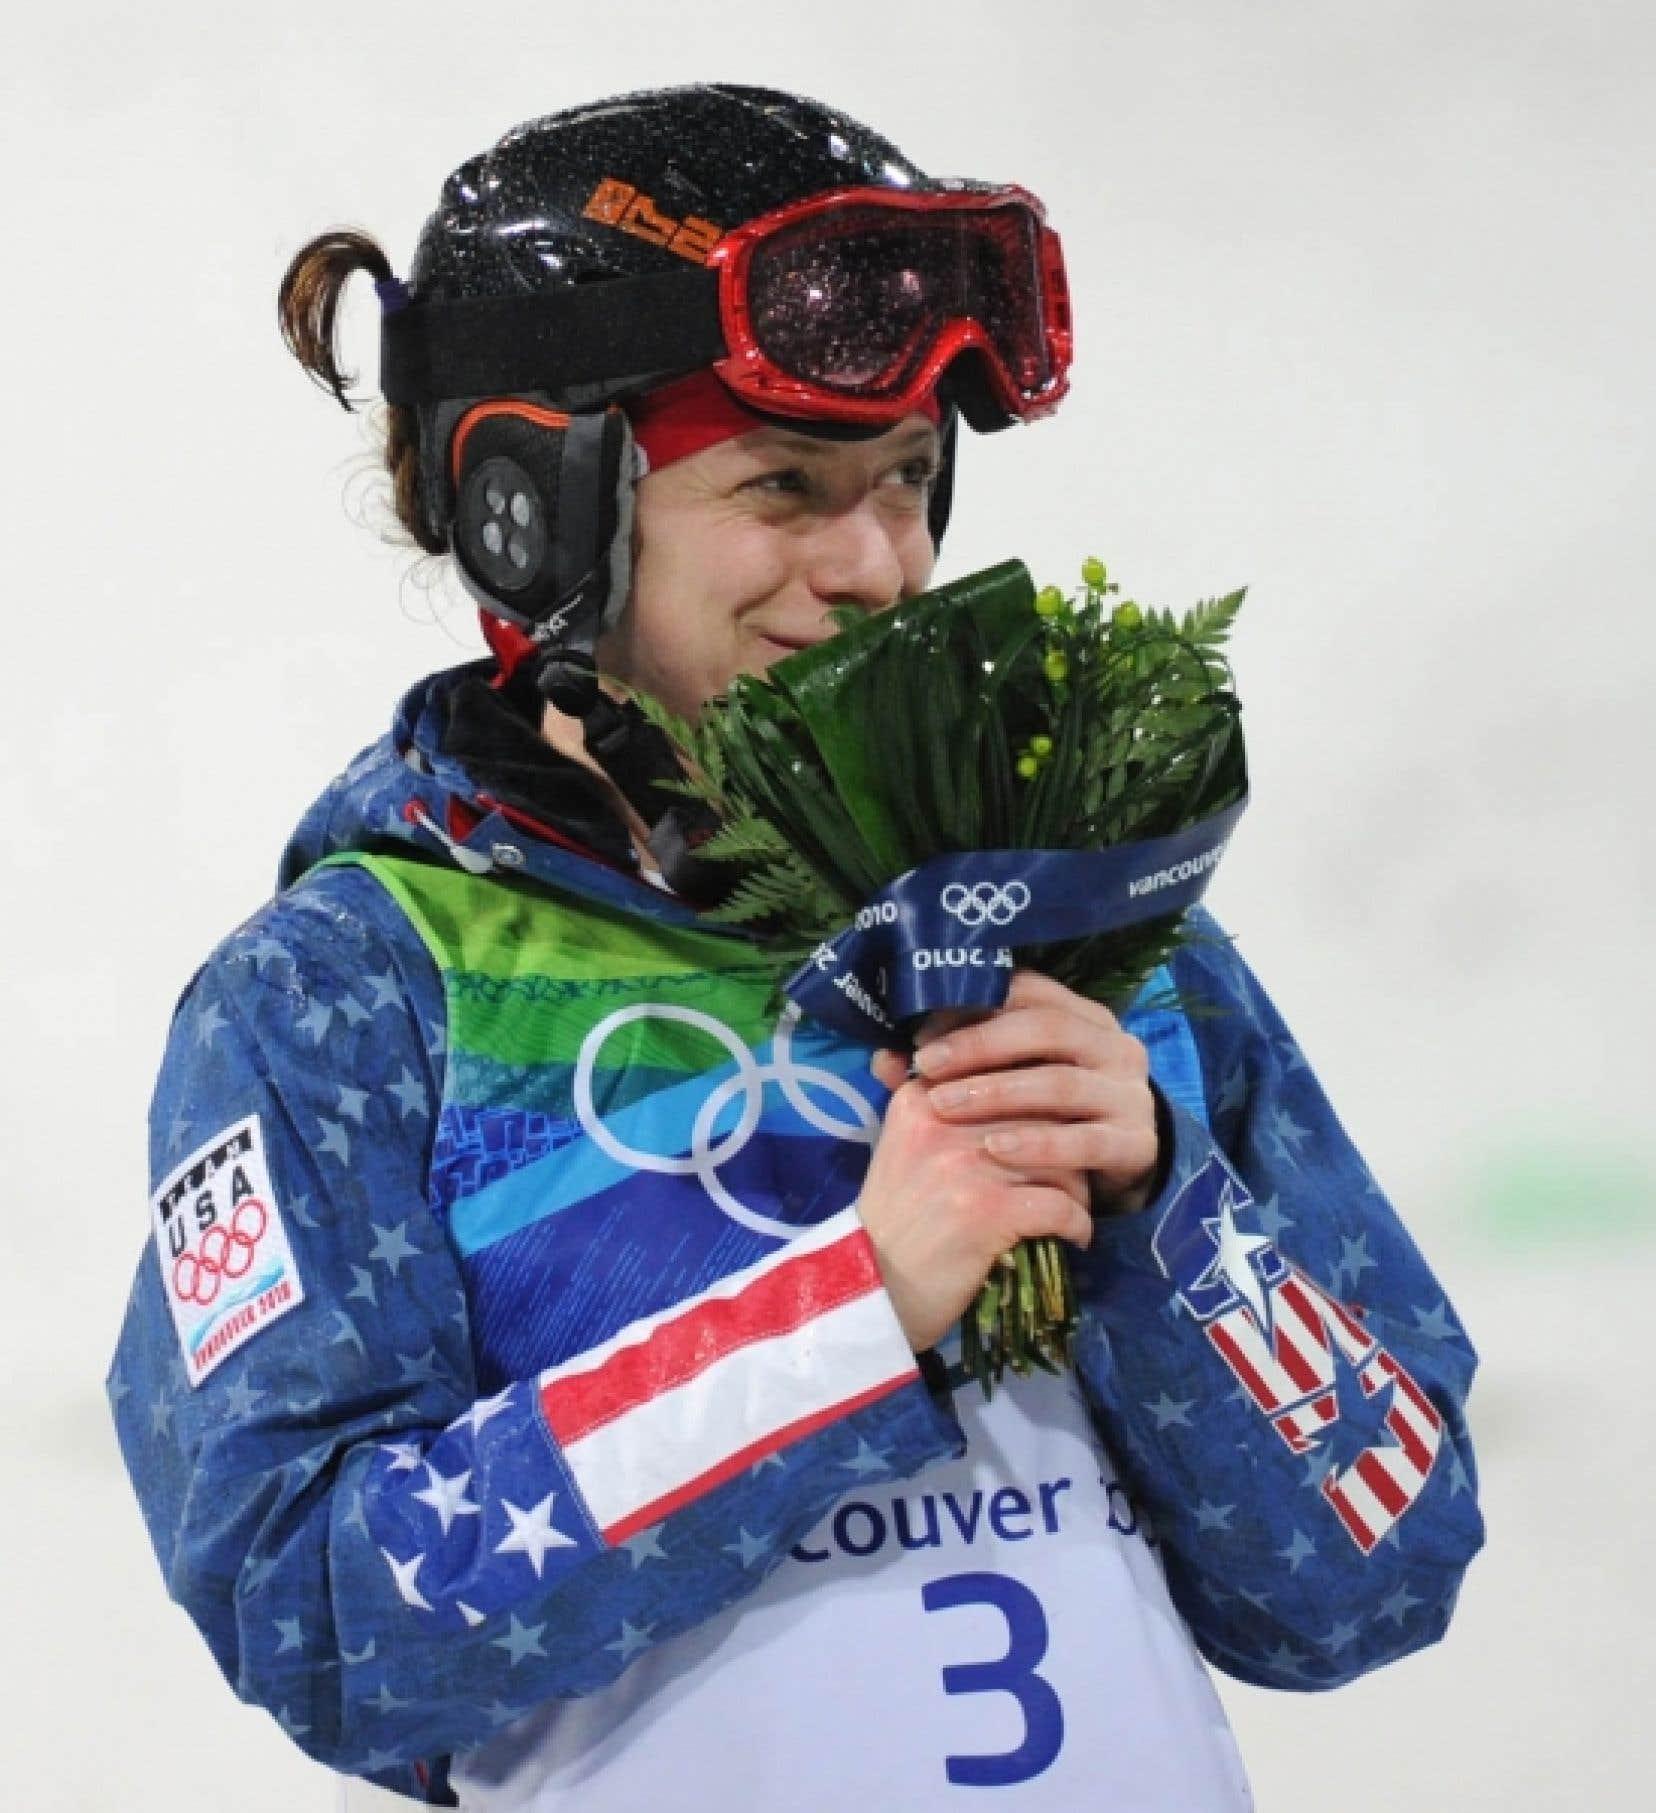 L'athlète américaine Hannah Kearney a semblé apprécier son bouquet.